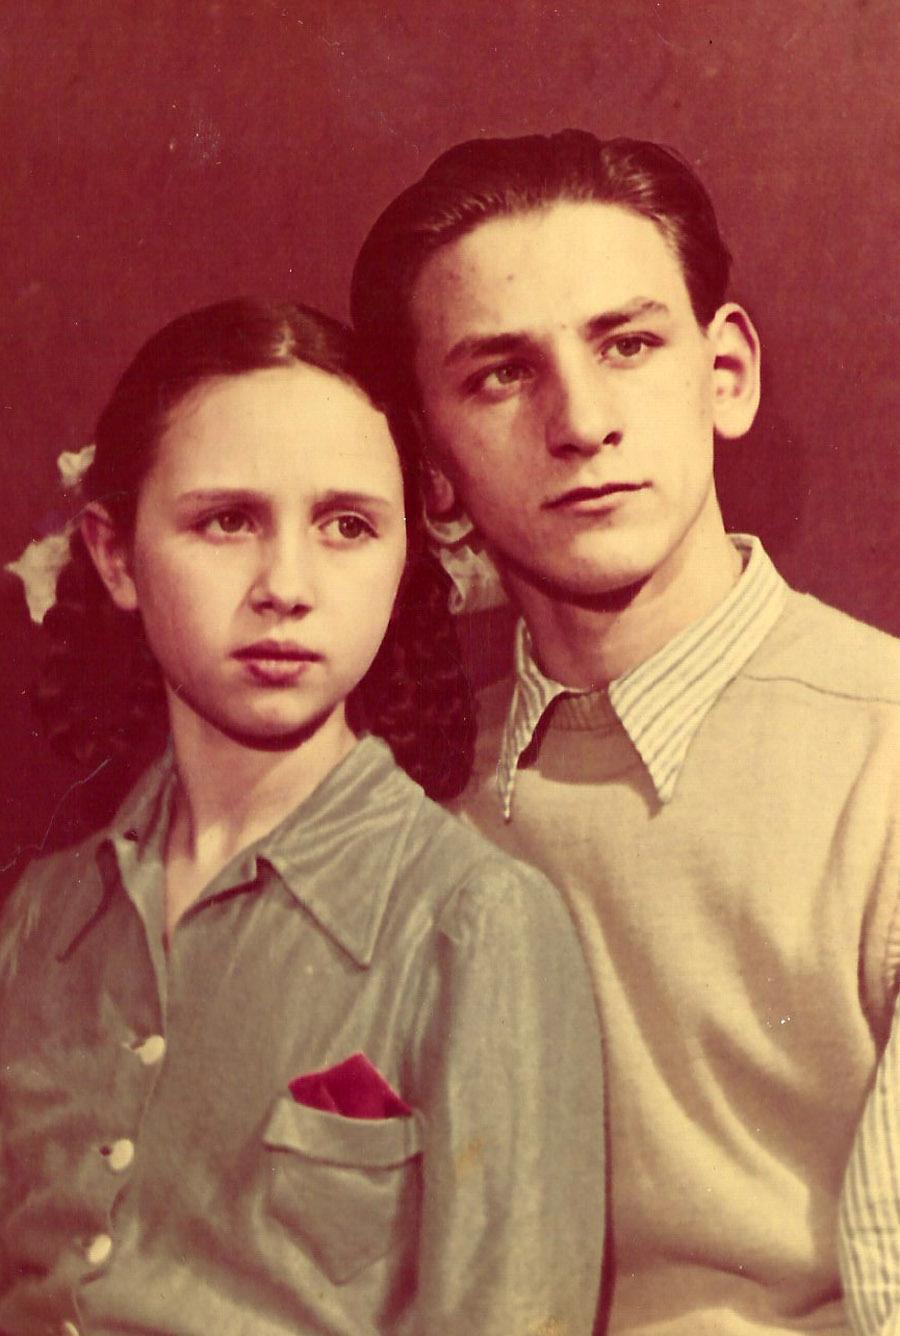 TANYA-1950-s-19